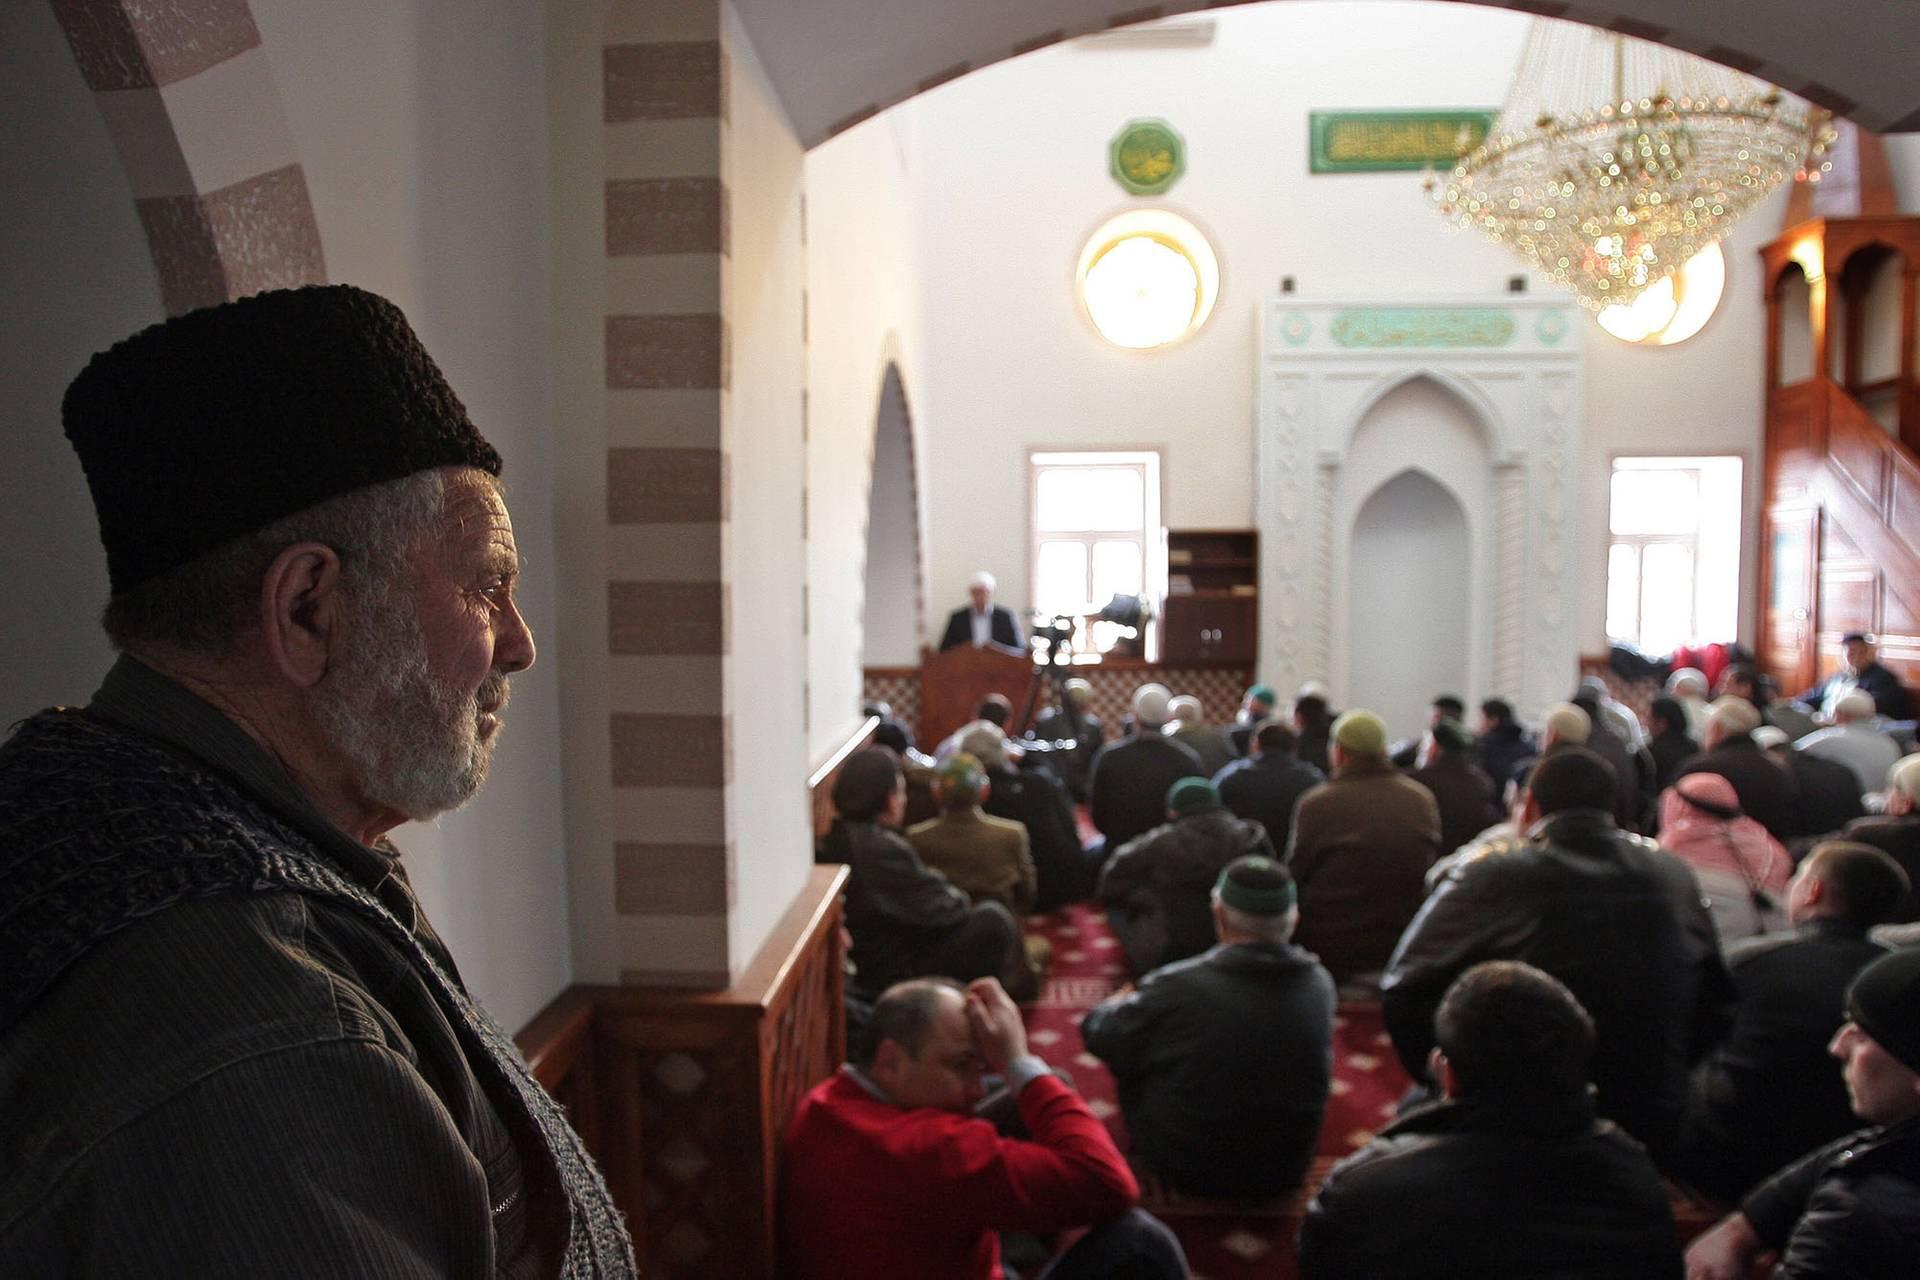 Кримськотатарські чоловіки під час намазу в мечеті у Сімферополі, Крим, 7 березня 2014 року. Два дні потому Росія проведе незаконний референдум в Криму і остаточно анексує півострів